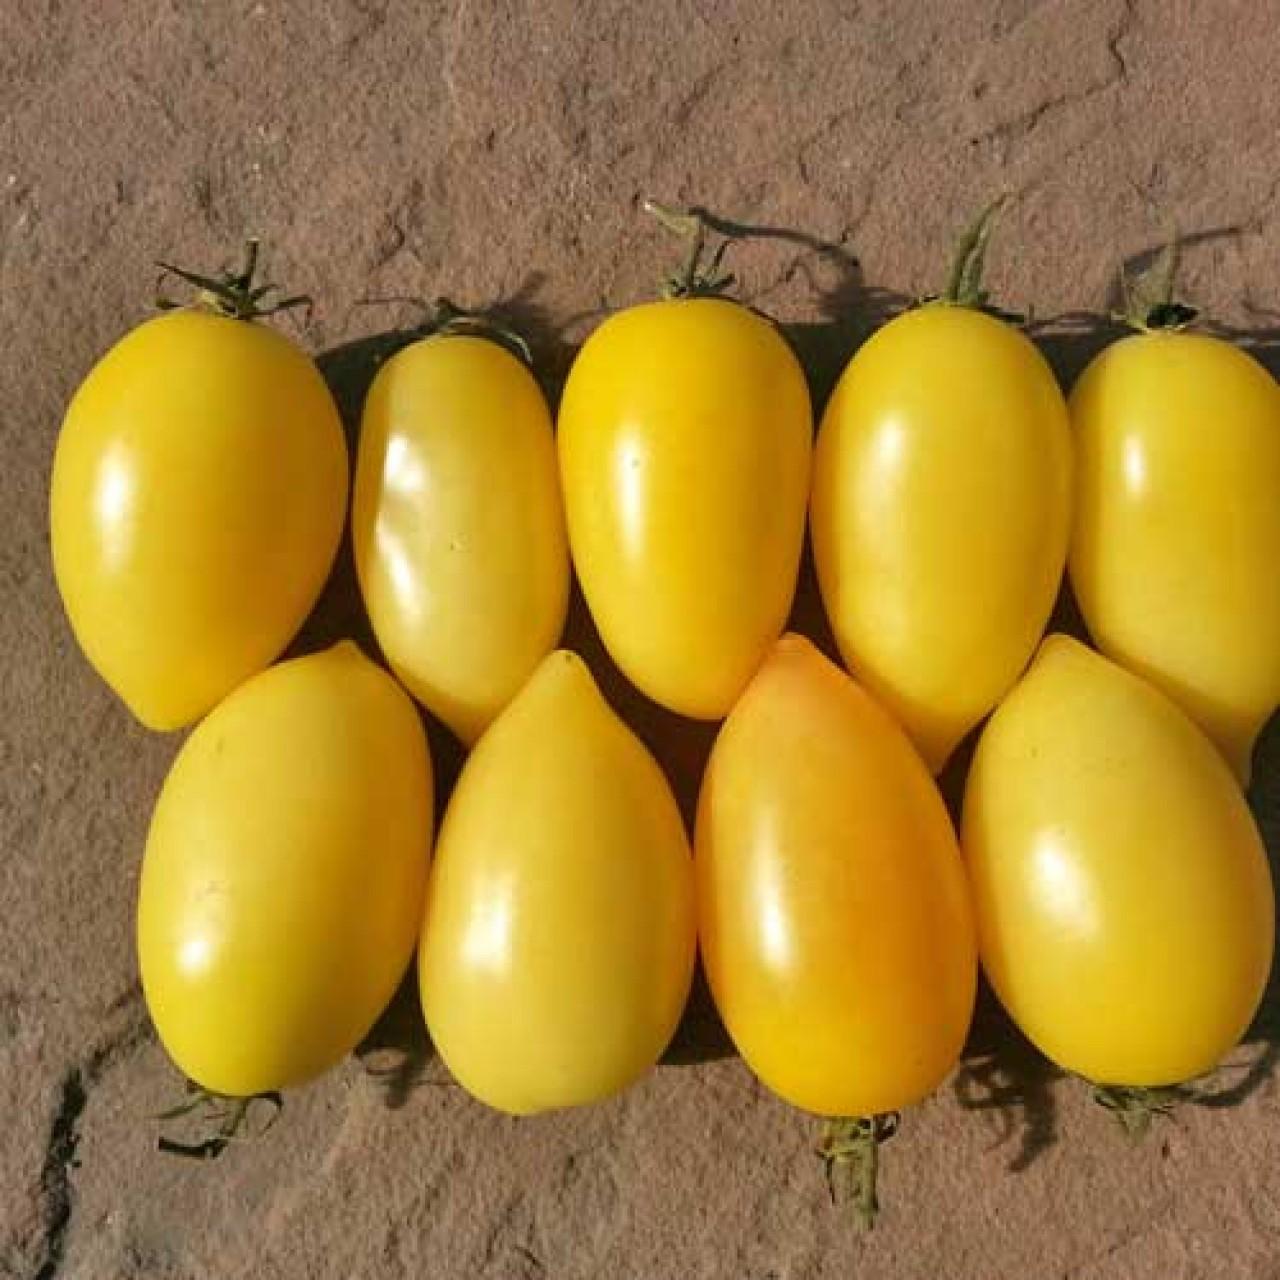 黄色がかったトマトソースを演出するのに最適/クリームソーセージトマト